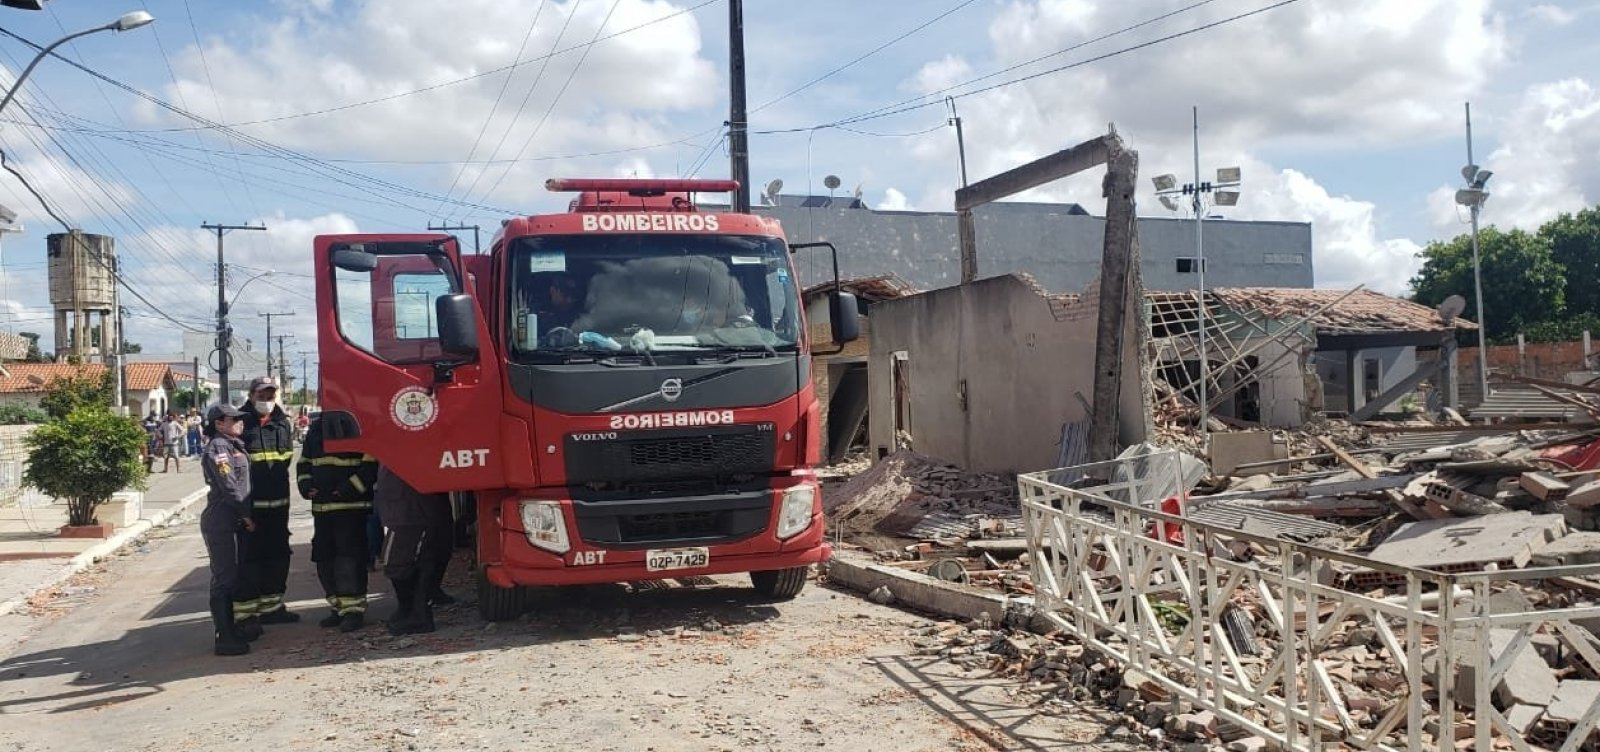 Corpo é encontrado e demolição finalizada em Crisópolis